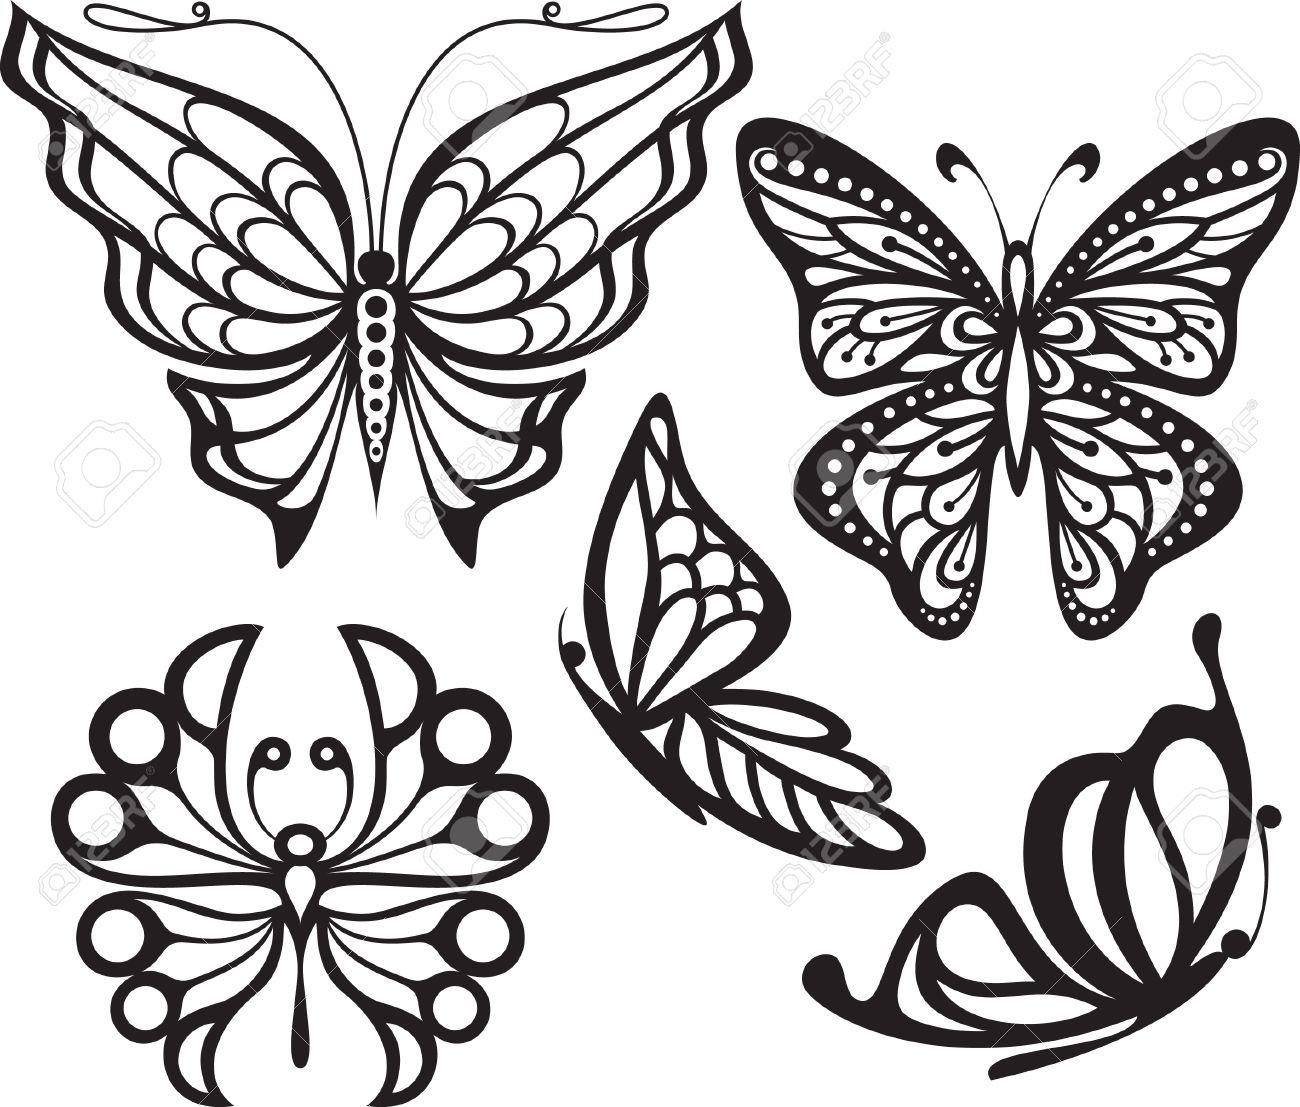 Aile De Papillon Dessin papillon silhouette avec les ailes ouvertes et délicate une image de